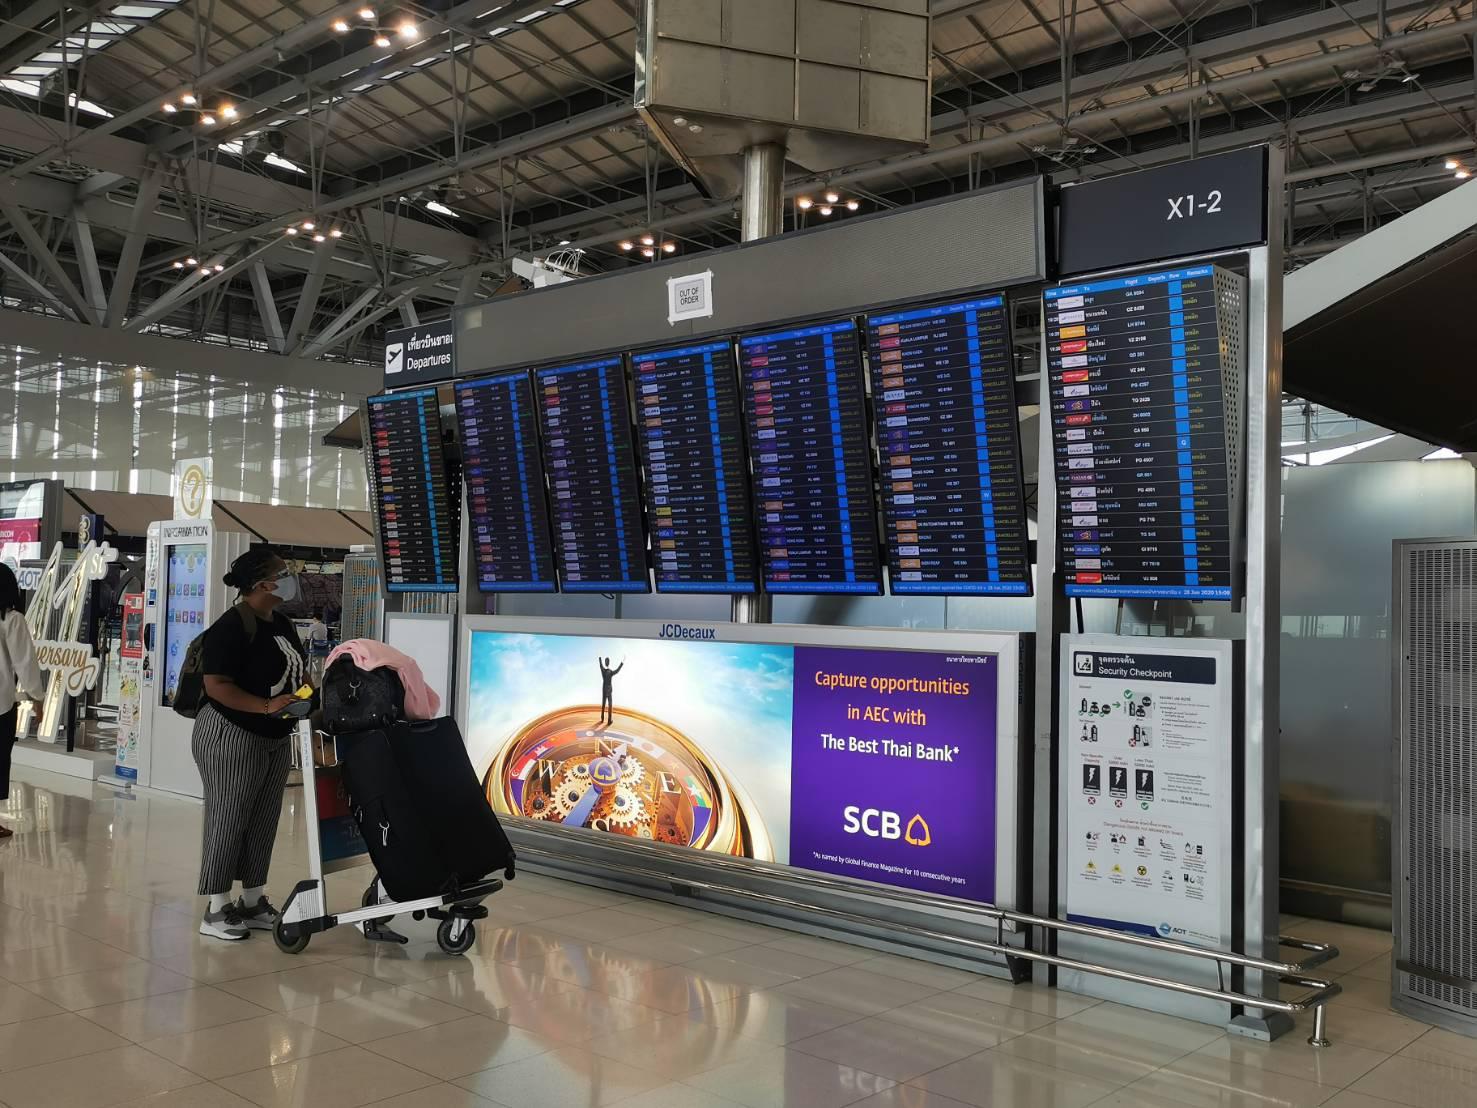 เช็ก 11 กลุ่มผู้โดยสารอนุญาตบินเข้าไทย ตำรวจแจงข้อปฏิบัติ มาตรการเข้ม